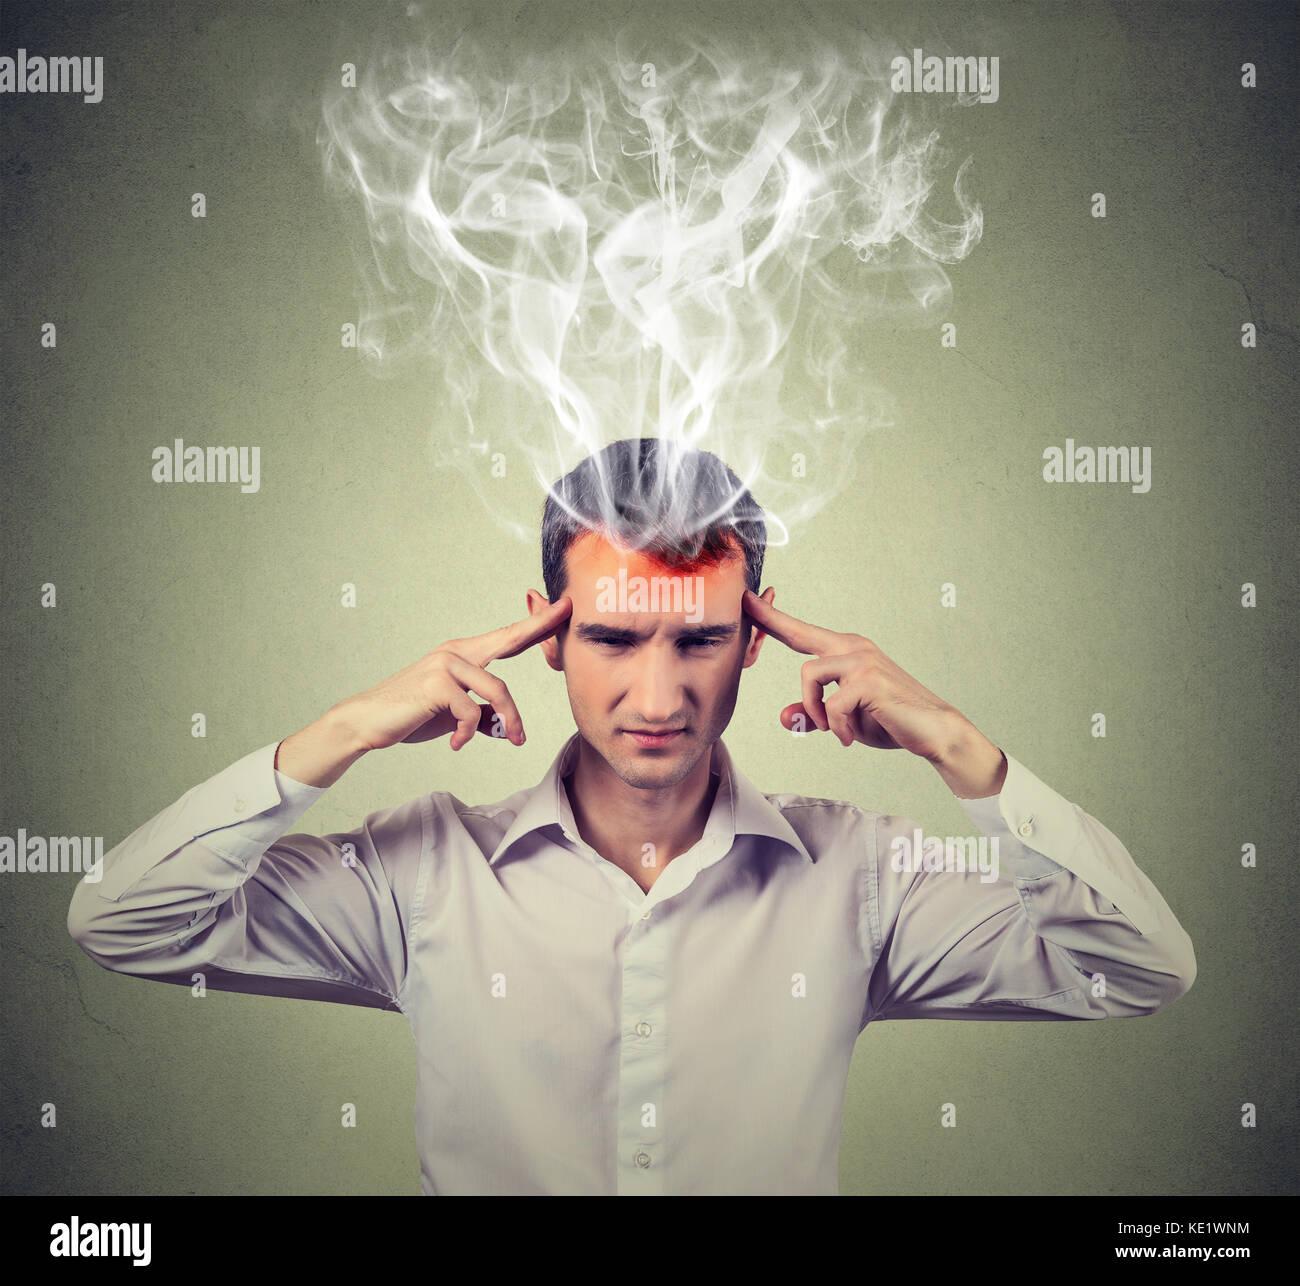 El hombre piensa muy intensamente tener dolor de cabeza aislado sobre la pared gris de fondo expresión de cara Imagen De Stock